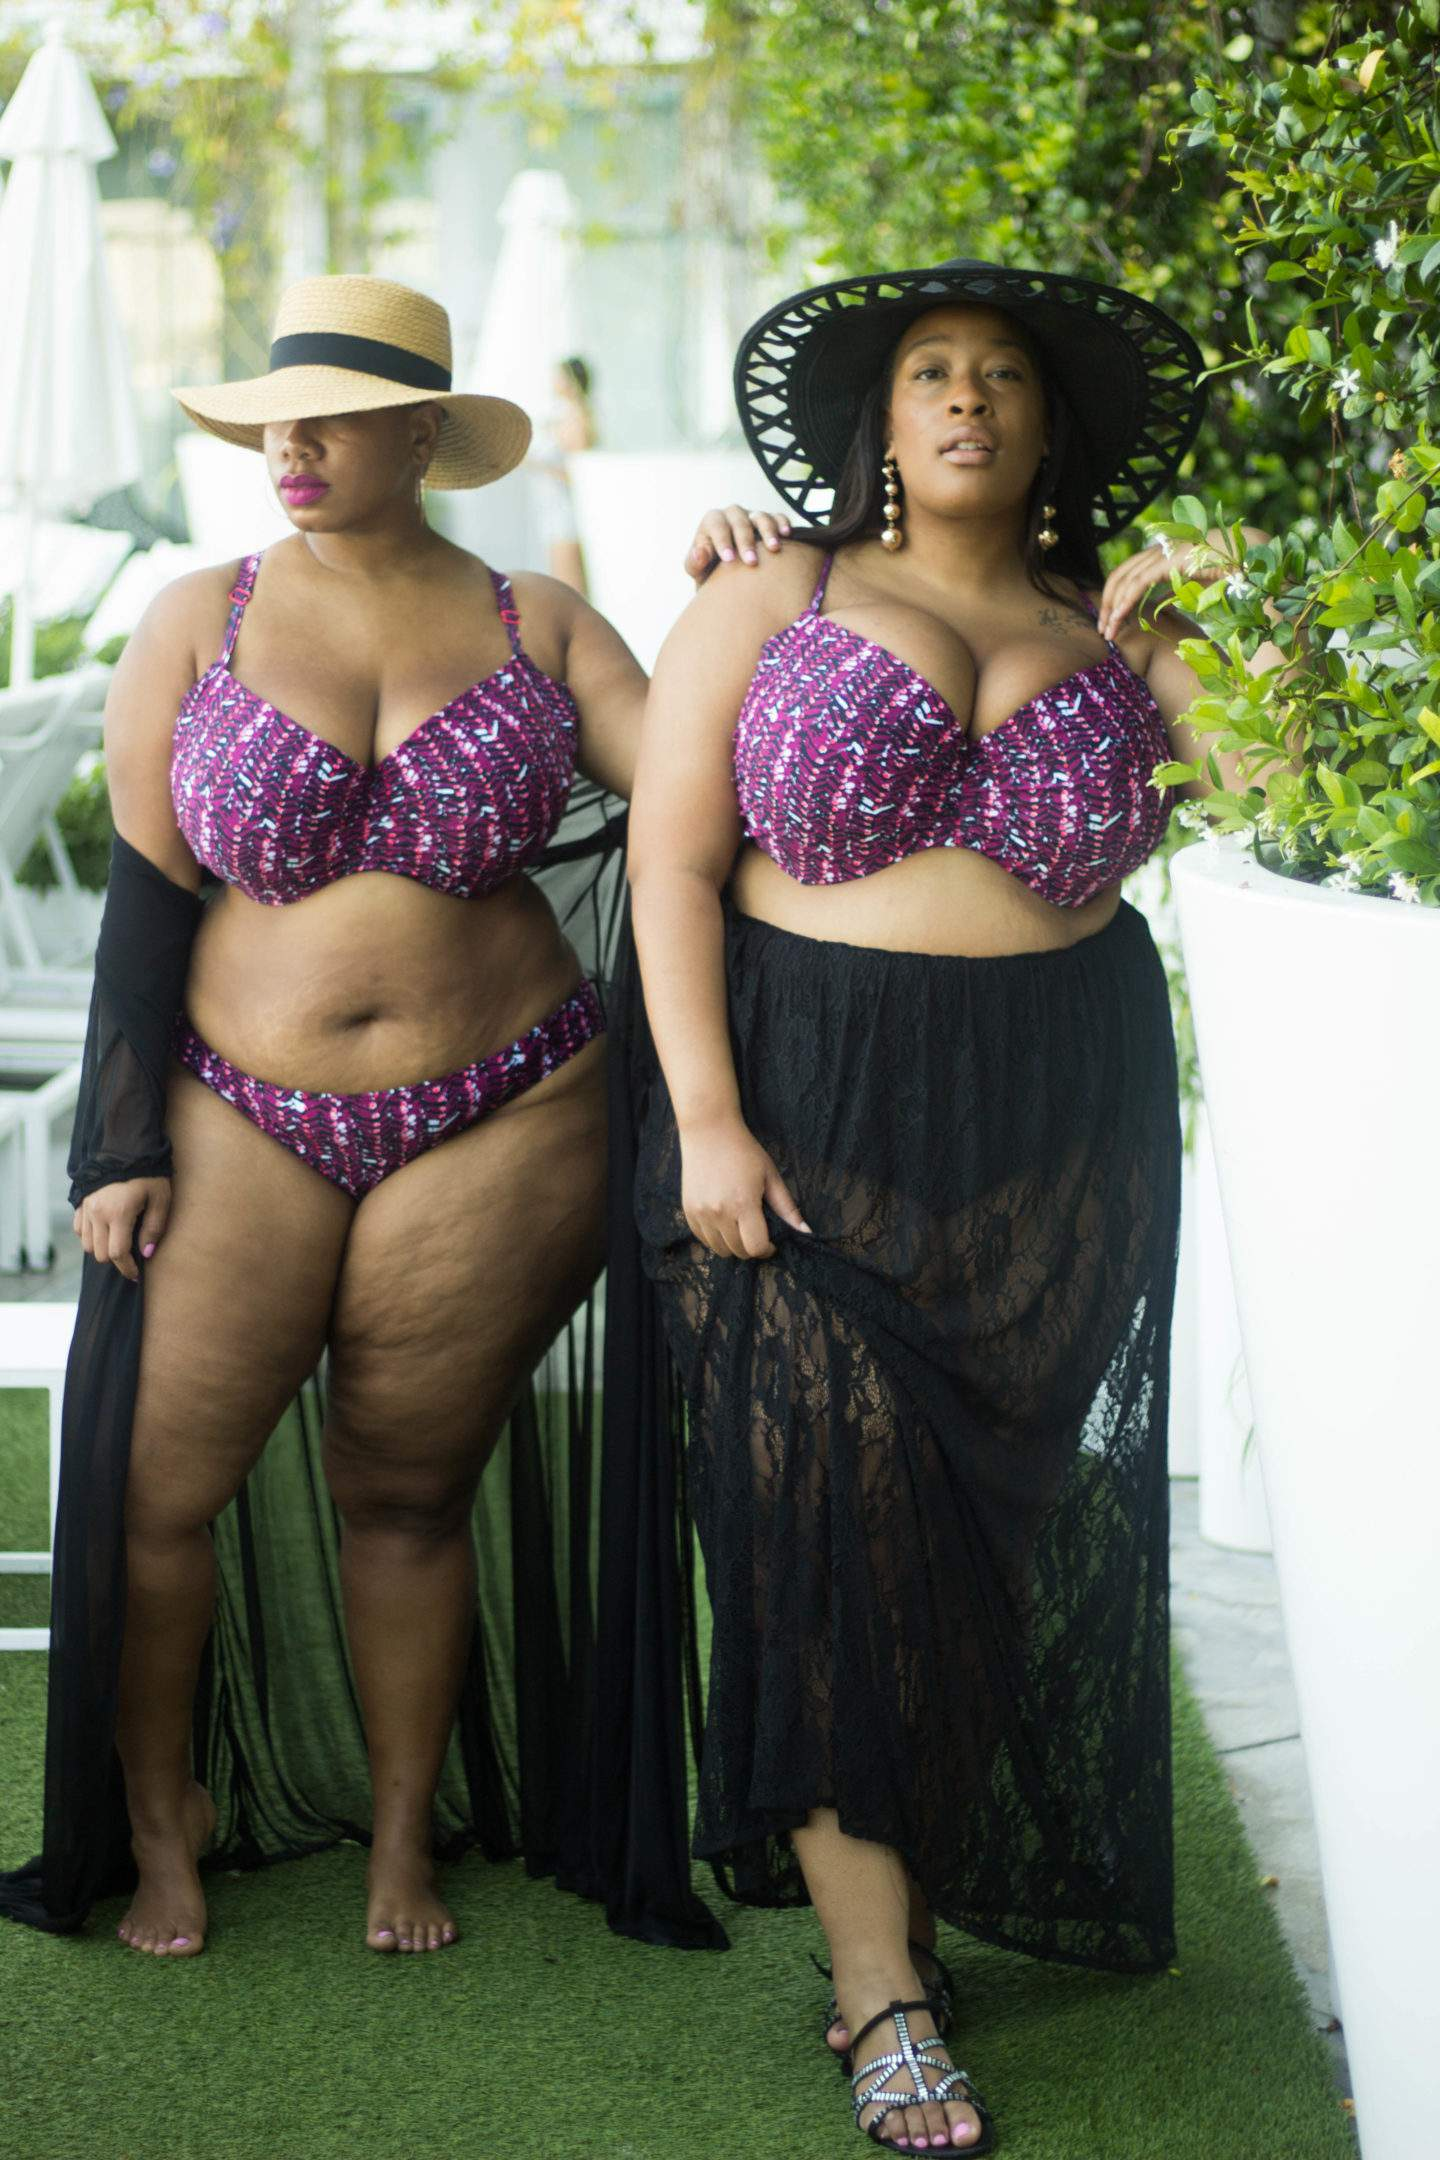 a6e7ed9247 Plus Size Bikinis up to Size 44G do Exist Thanks to Curvy Kate!